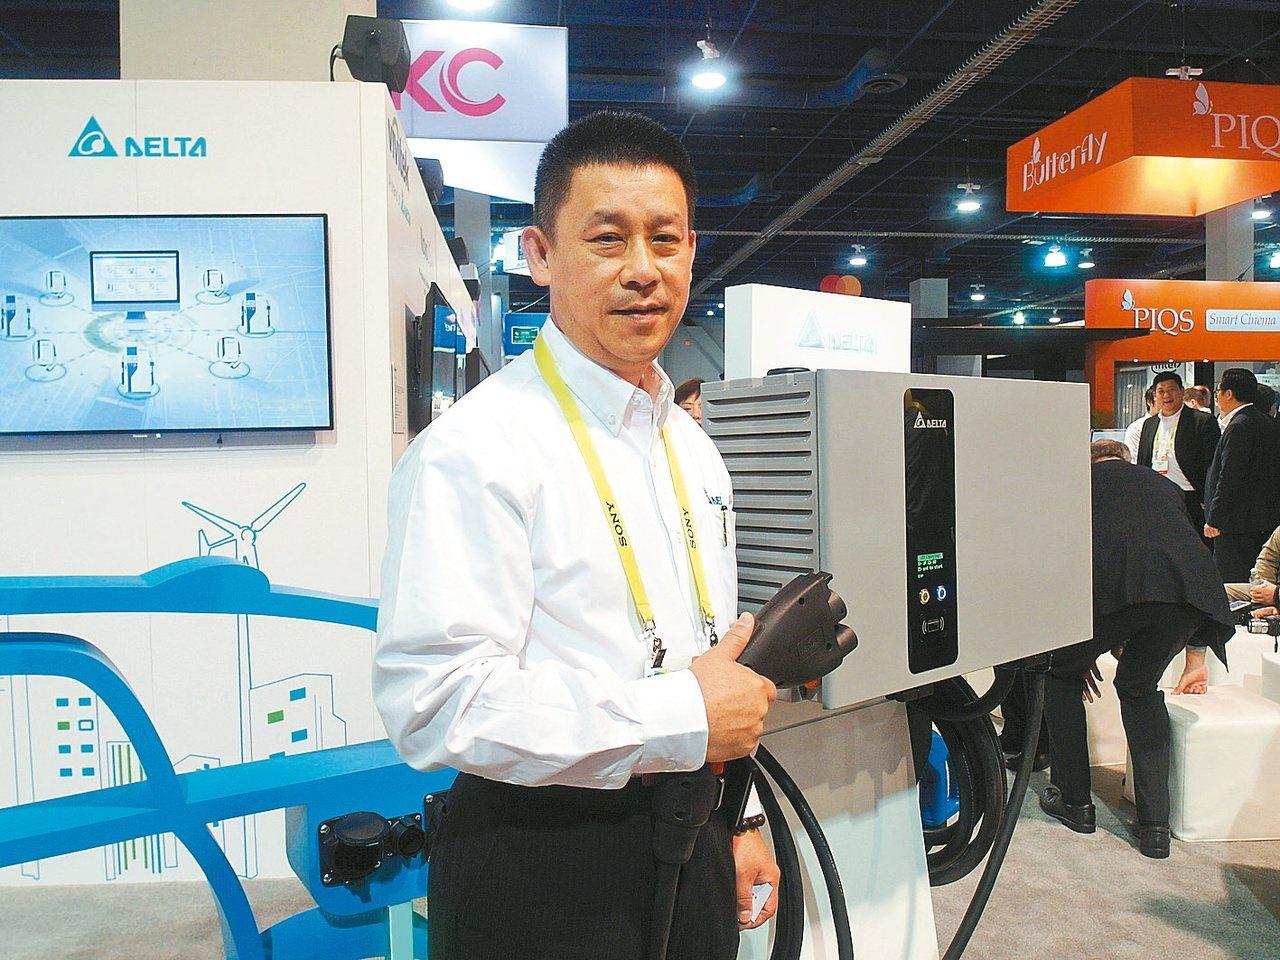 台達電執行長鄭平表示,台達電自動化生產後使作業線上的直接人工減少,但間接員工需求...